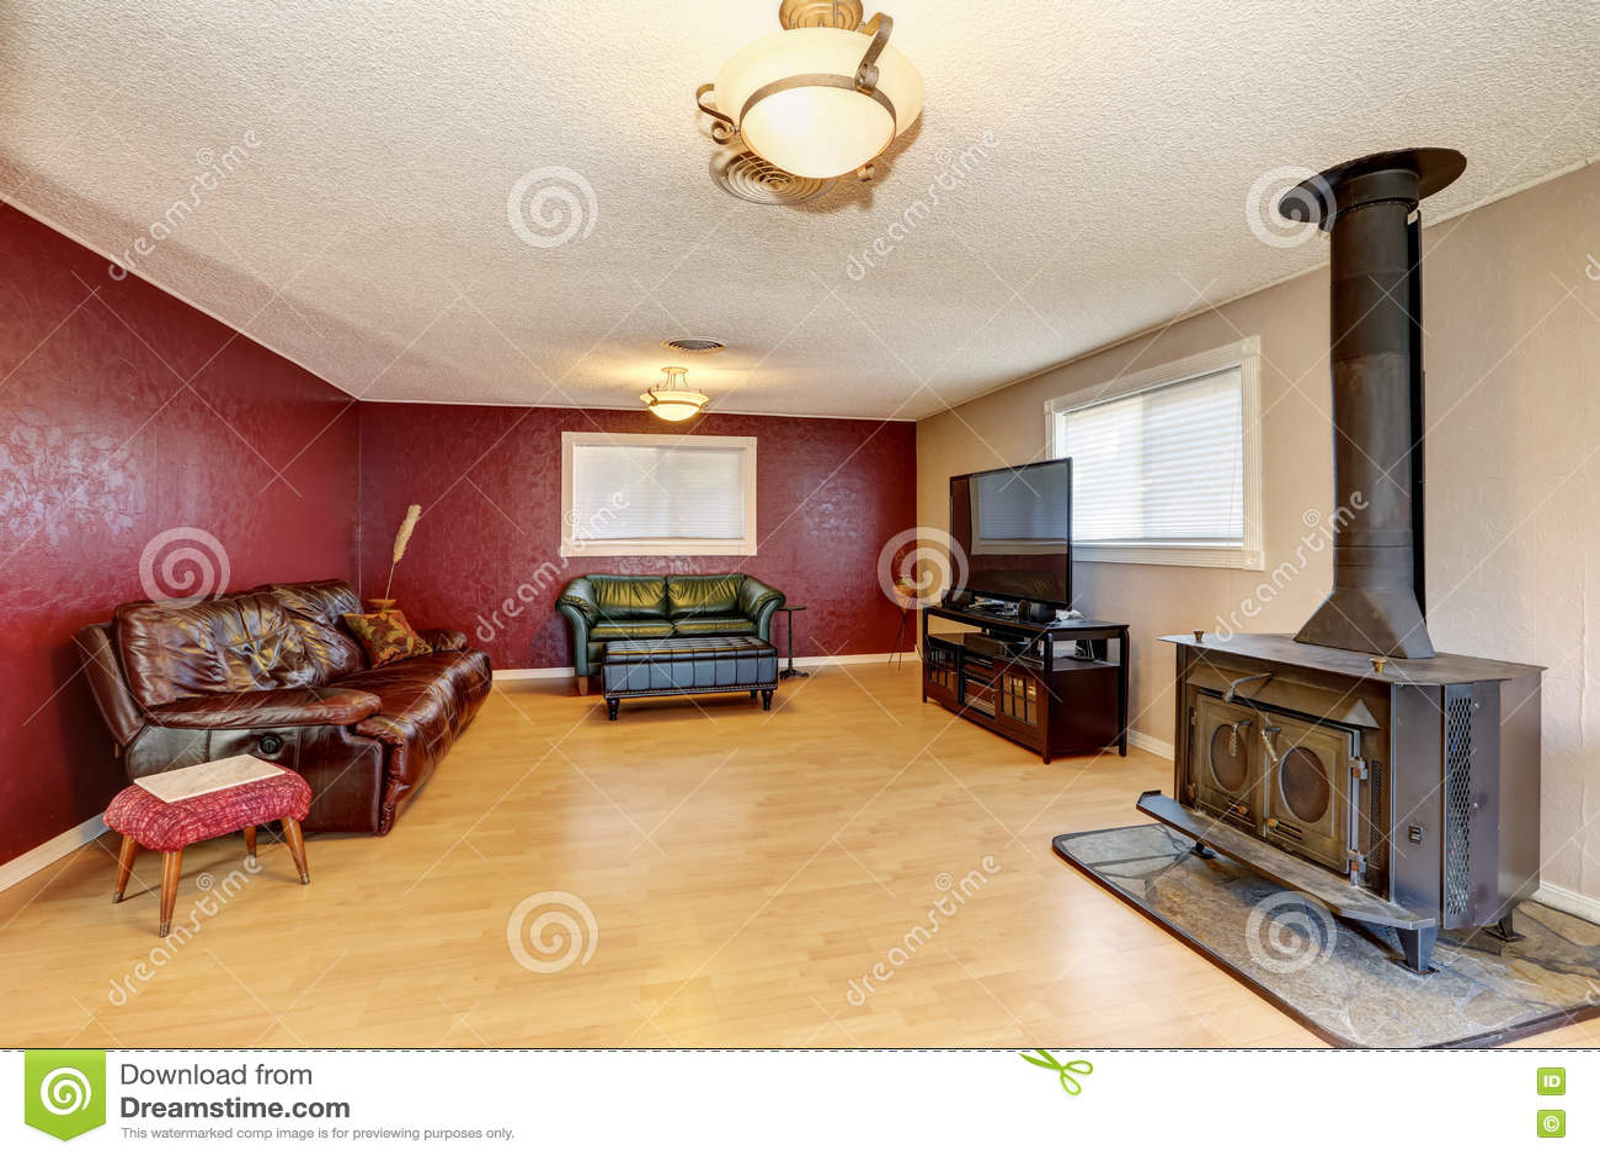 Kontrastieren Sie Rote Wand Im Wohnzimmer Mit Antikem Kamin ...